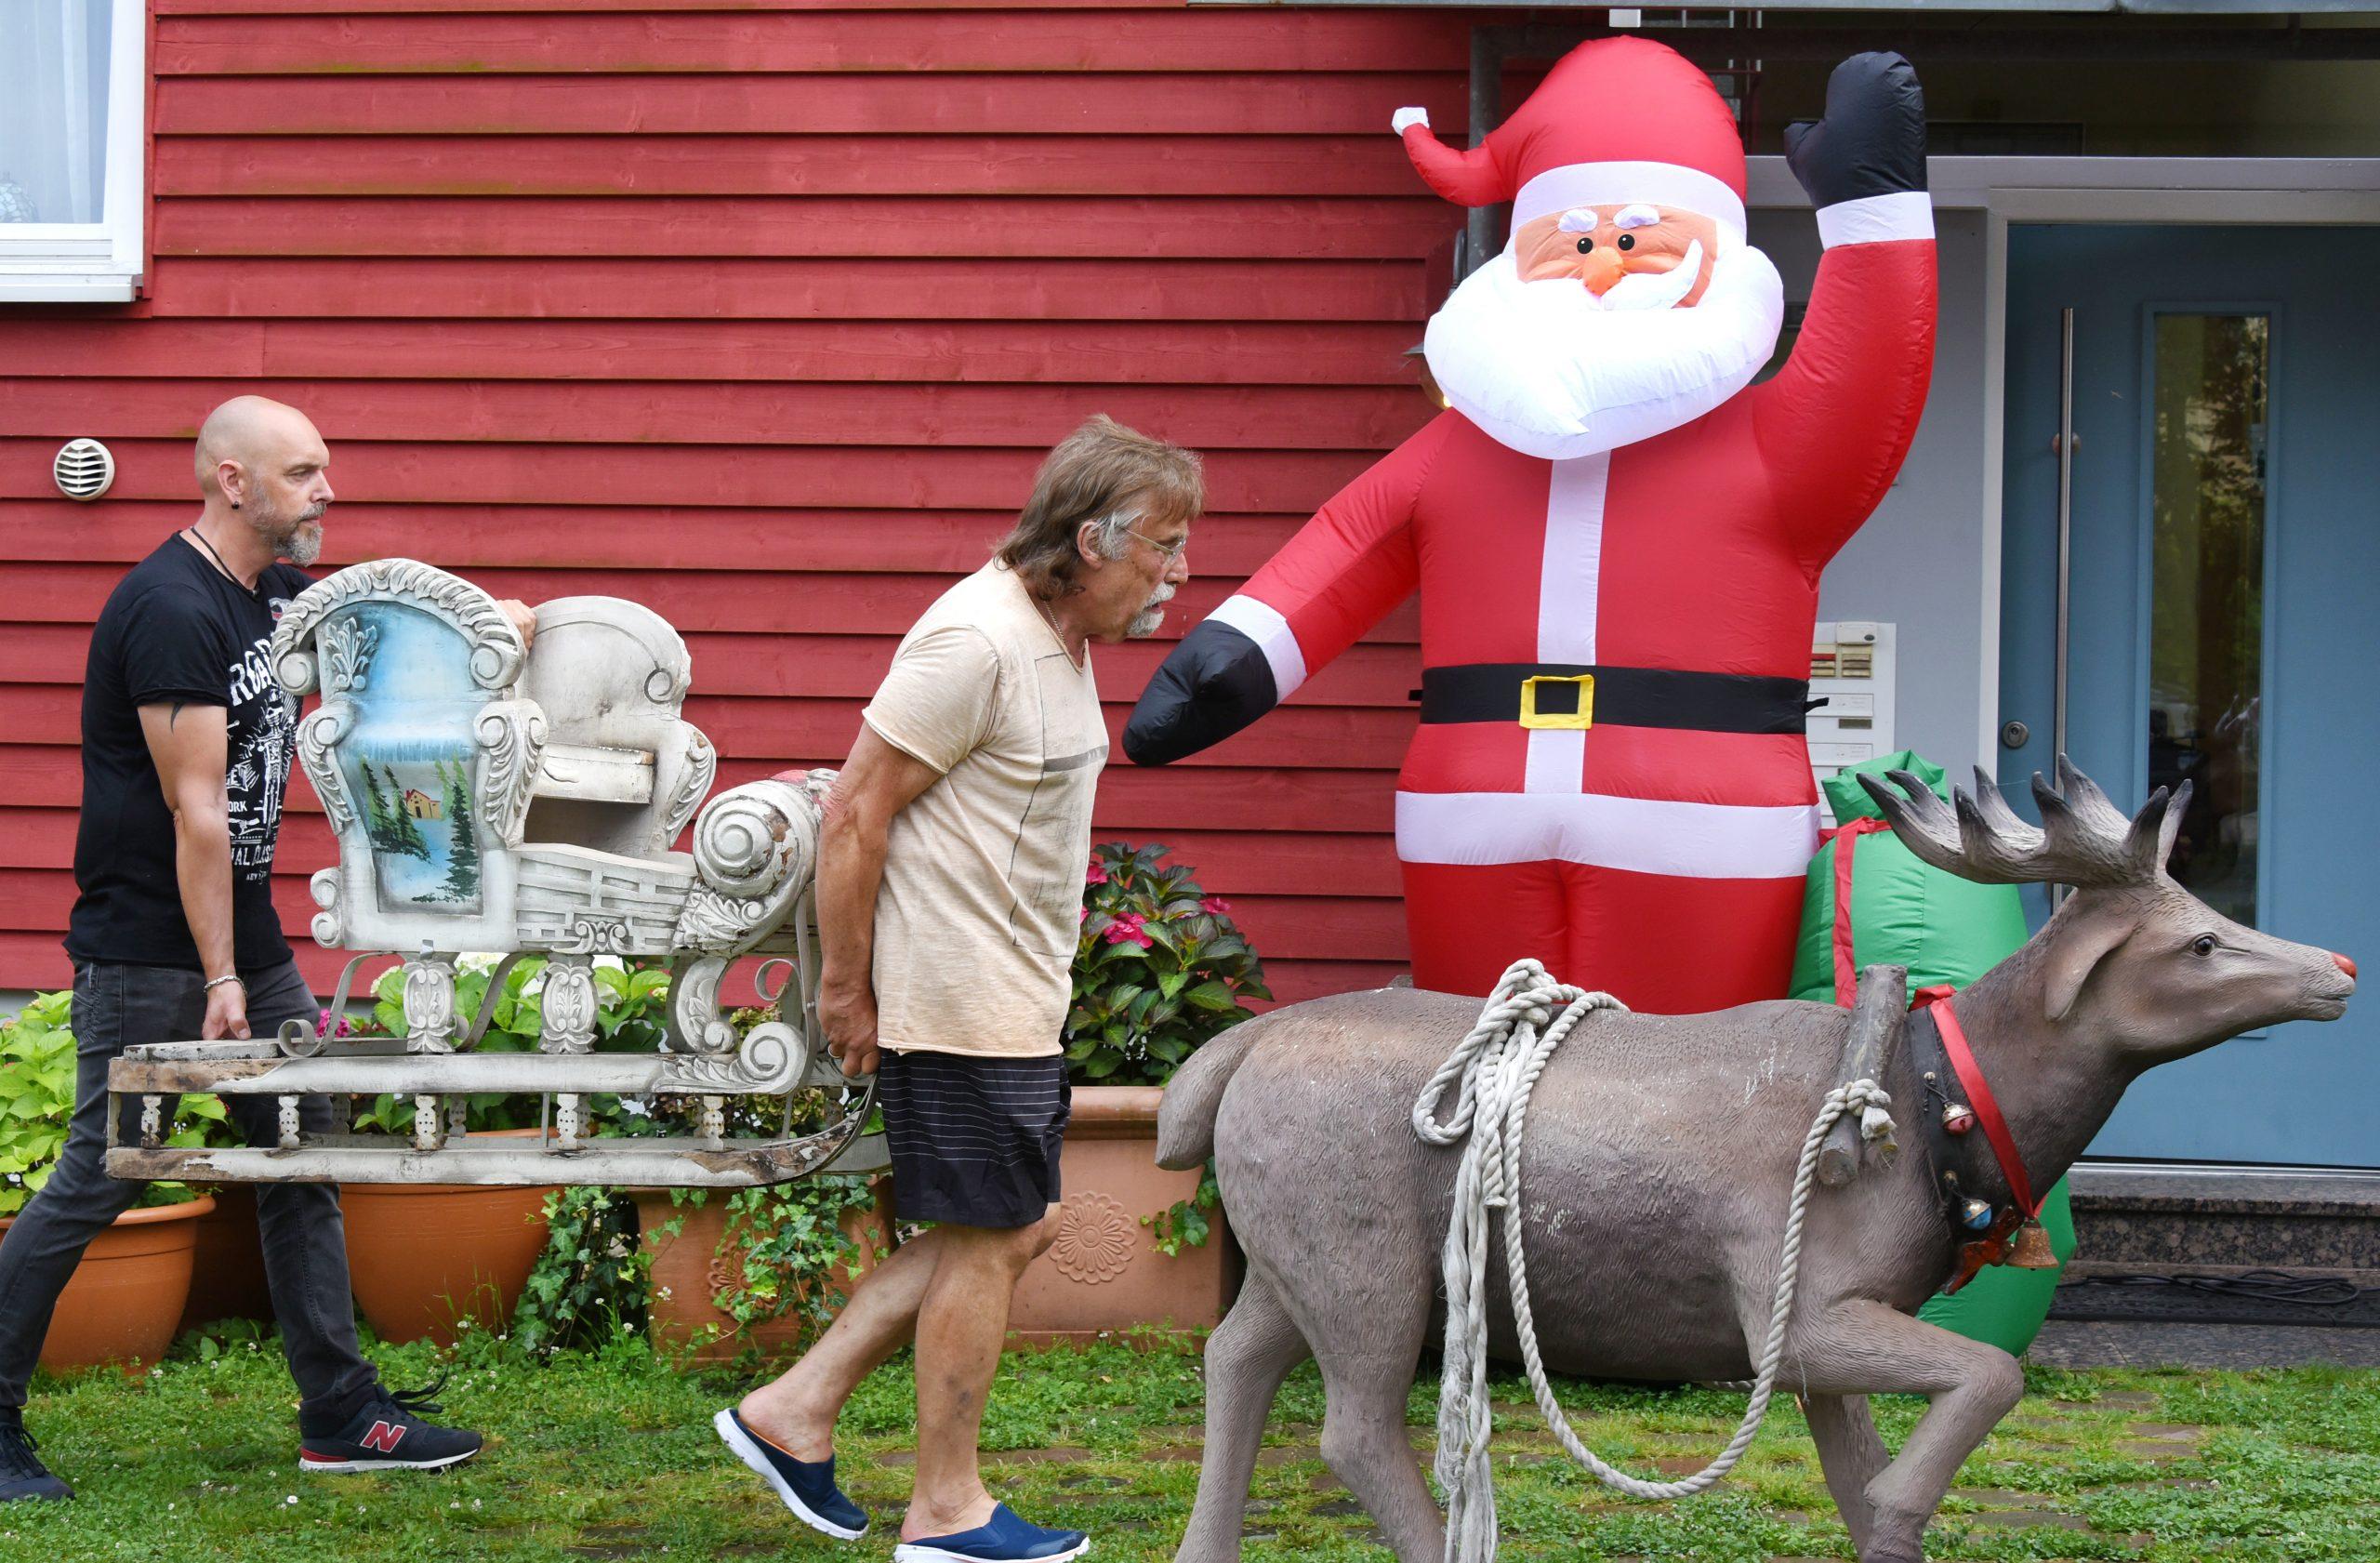 Dietmar Sawatzke und sein Sohn Sebastian tragen Weihnachtsdekoration vor den Eingang des Hauses.